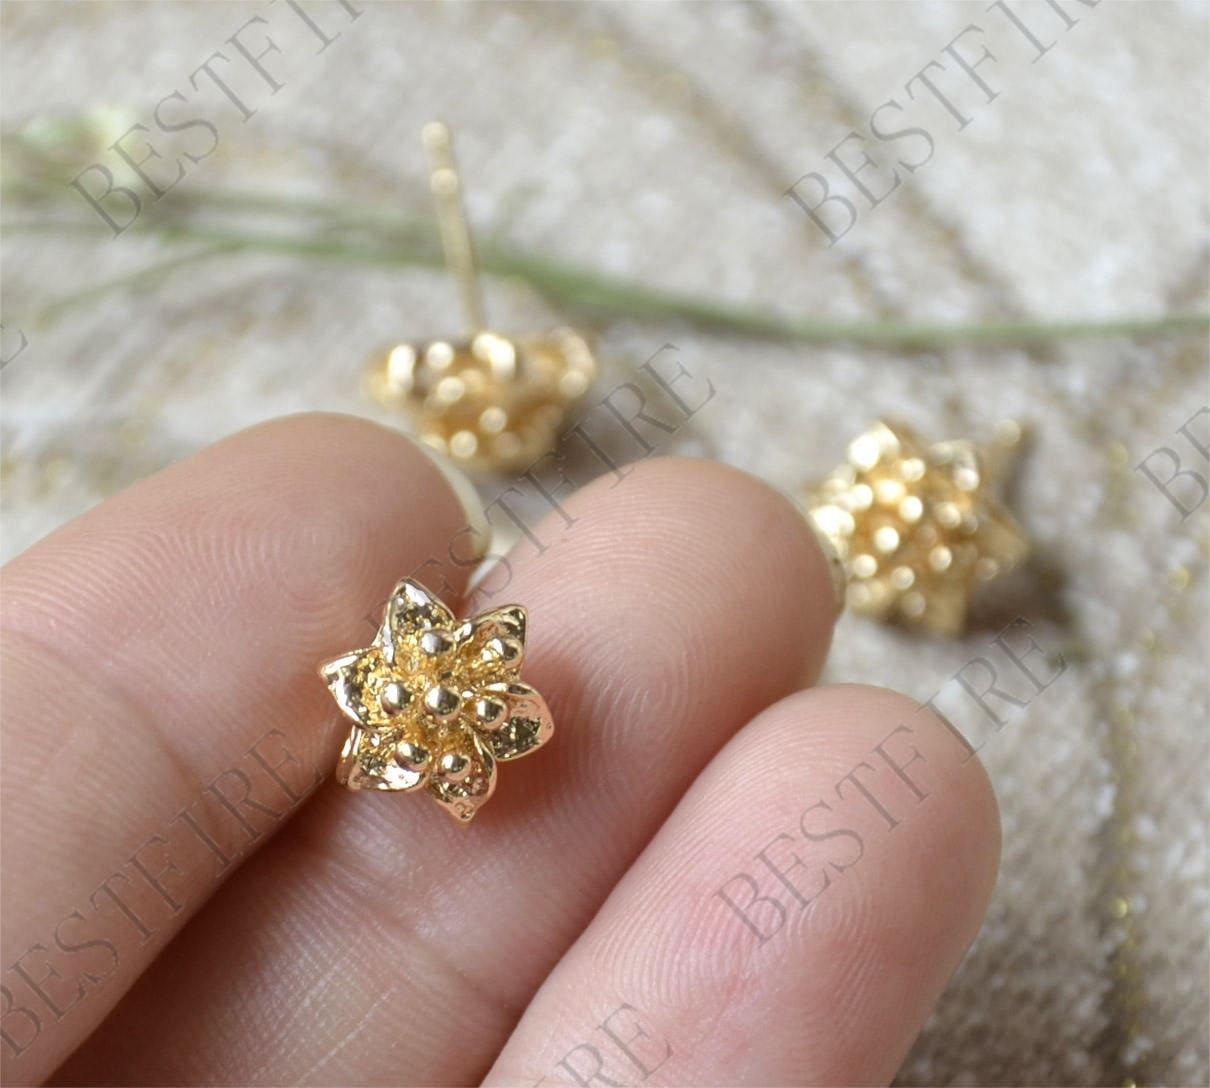 10Pcs oro plateado ganchos pendientes de lágrima con cristales de alambre hallazgos 10x16mm